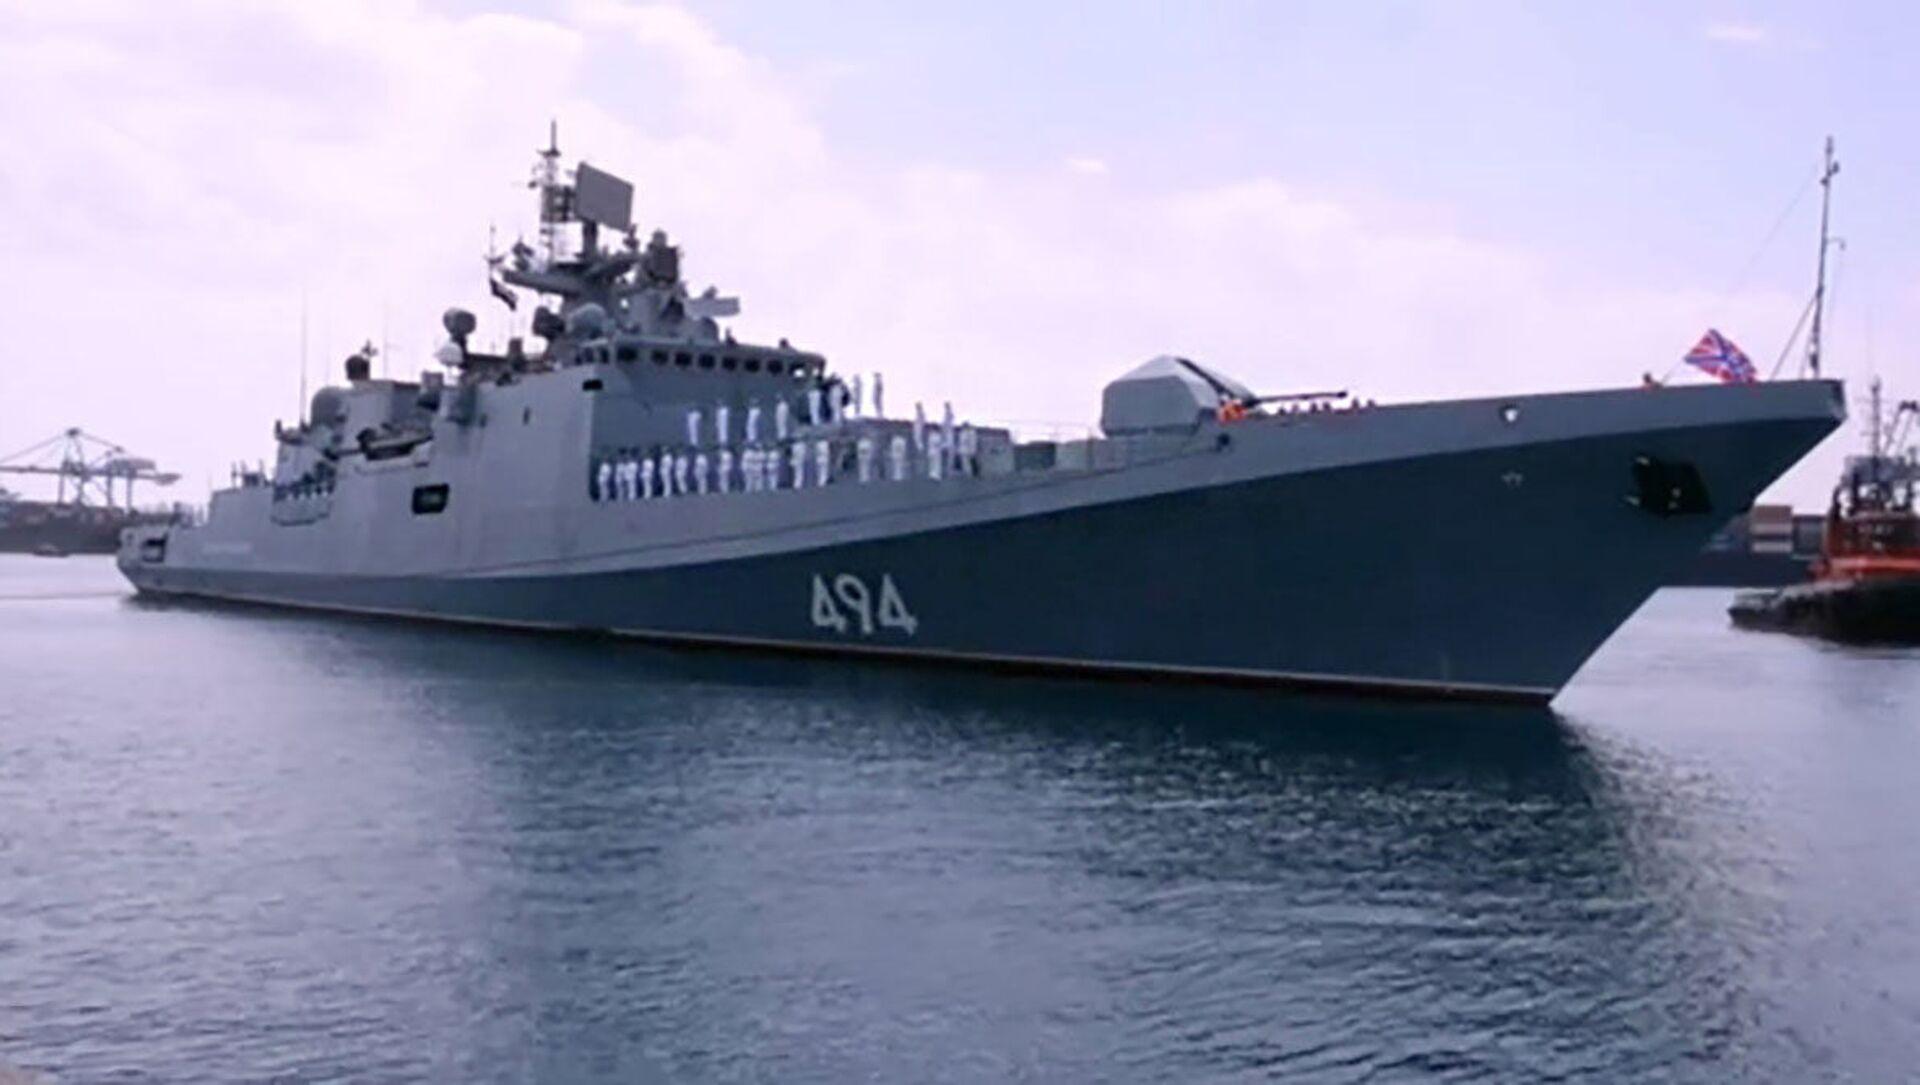 """Fregata """"Admirał Grigorowicz"""" Floty Czarnomorskiej Rosji - Sputnik Polska, 1920, 28.02.2021"""